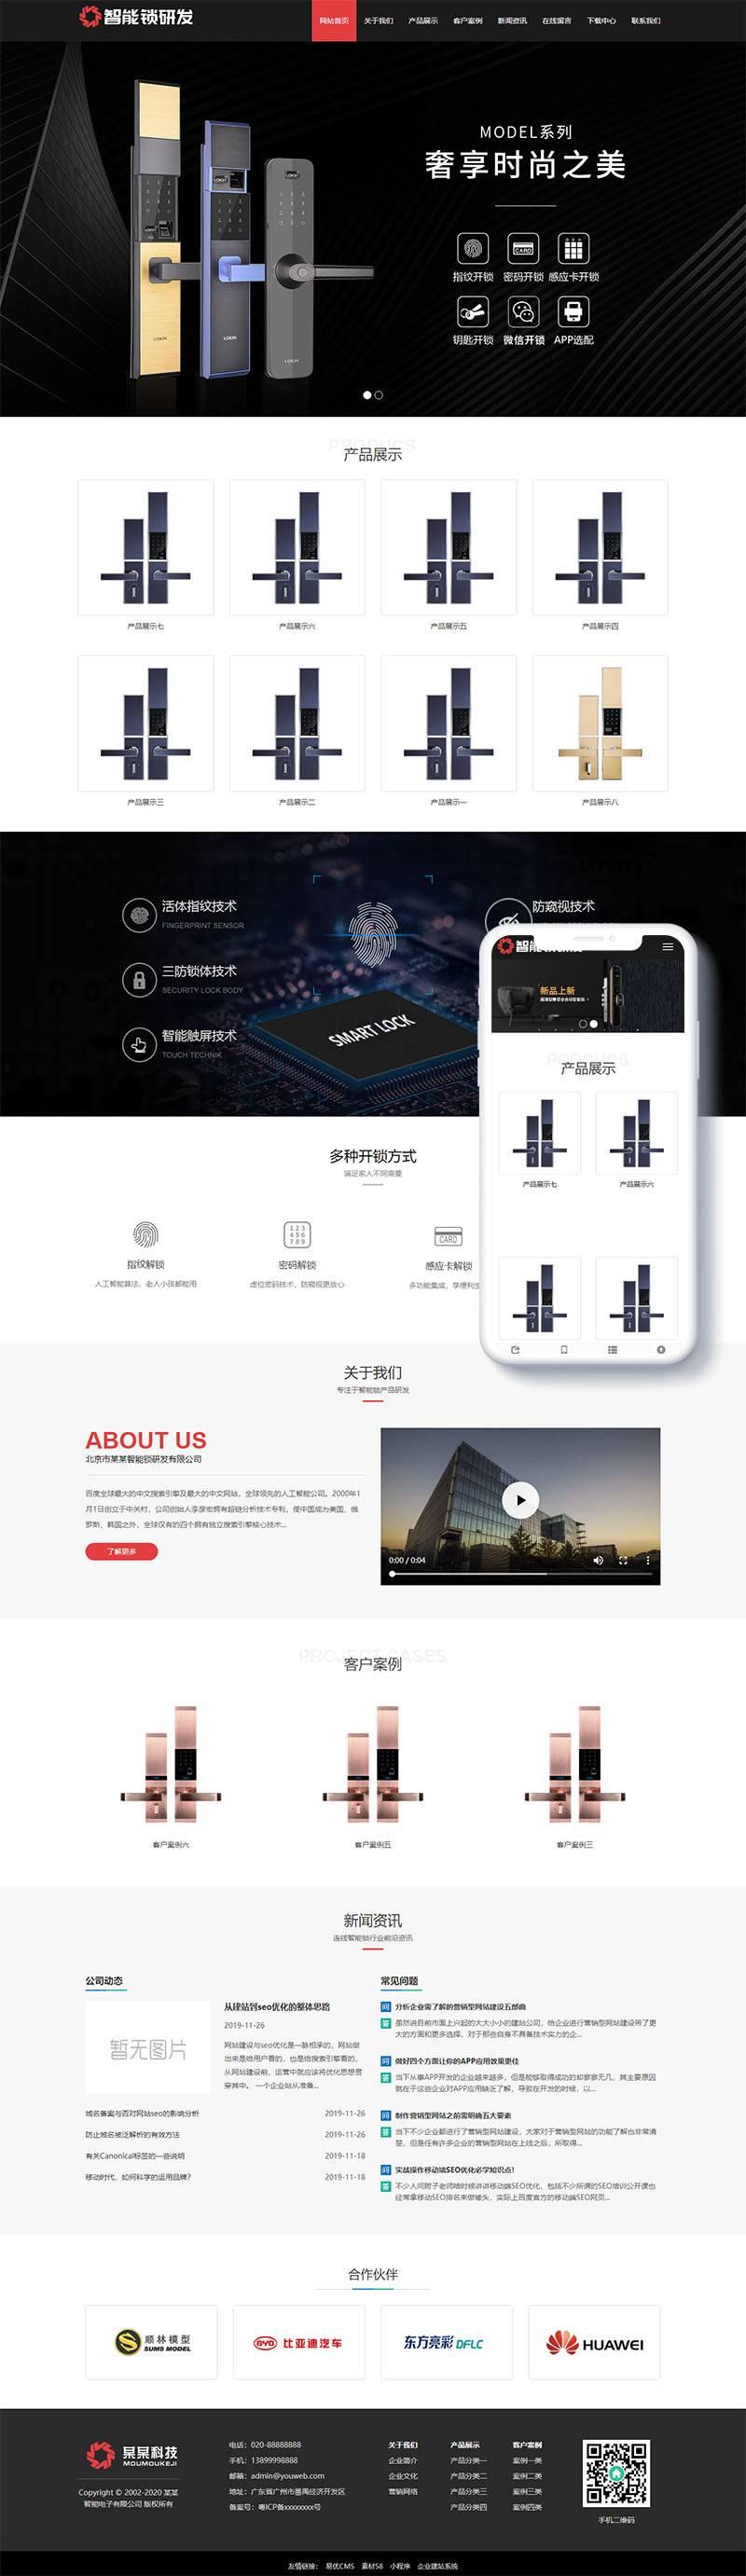 织梦dedecms HTML5智能锁具电子产片研发类网站织梦模板PC+wap+利于SEO优化